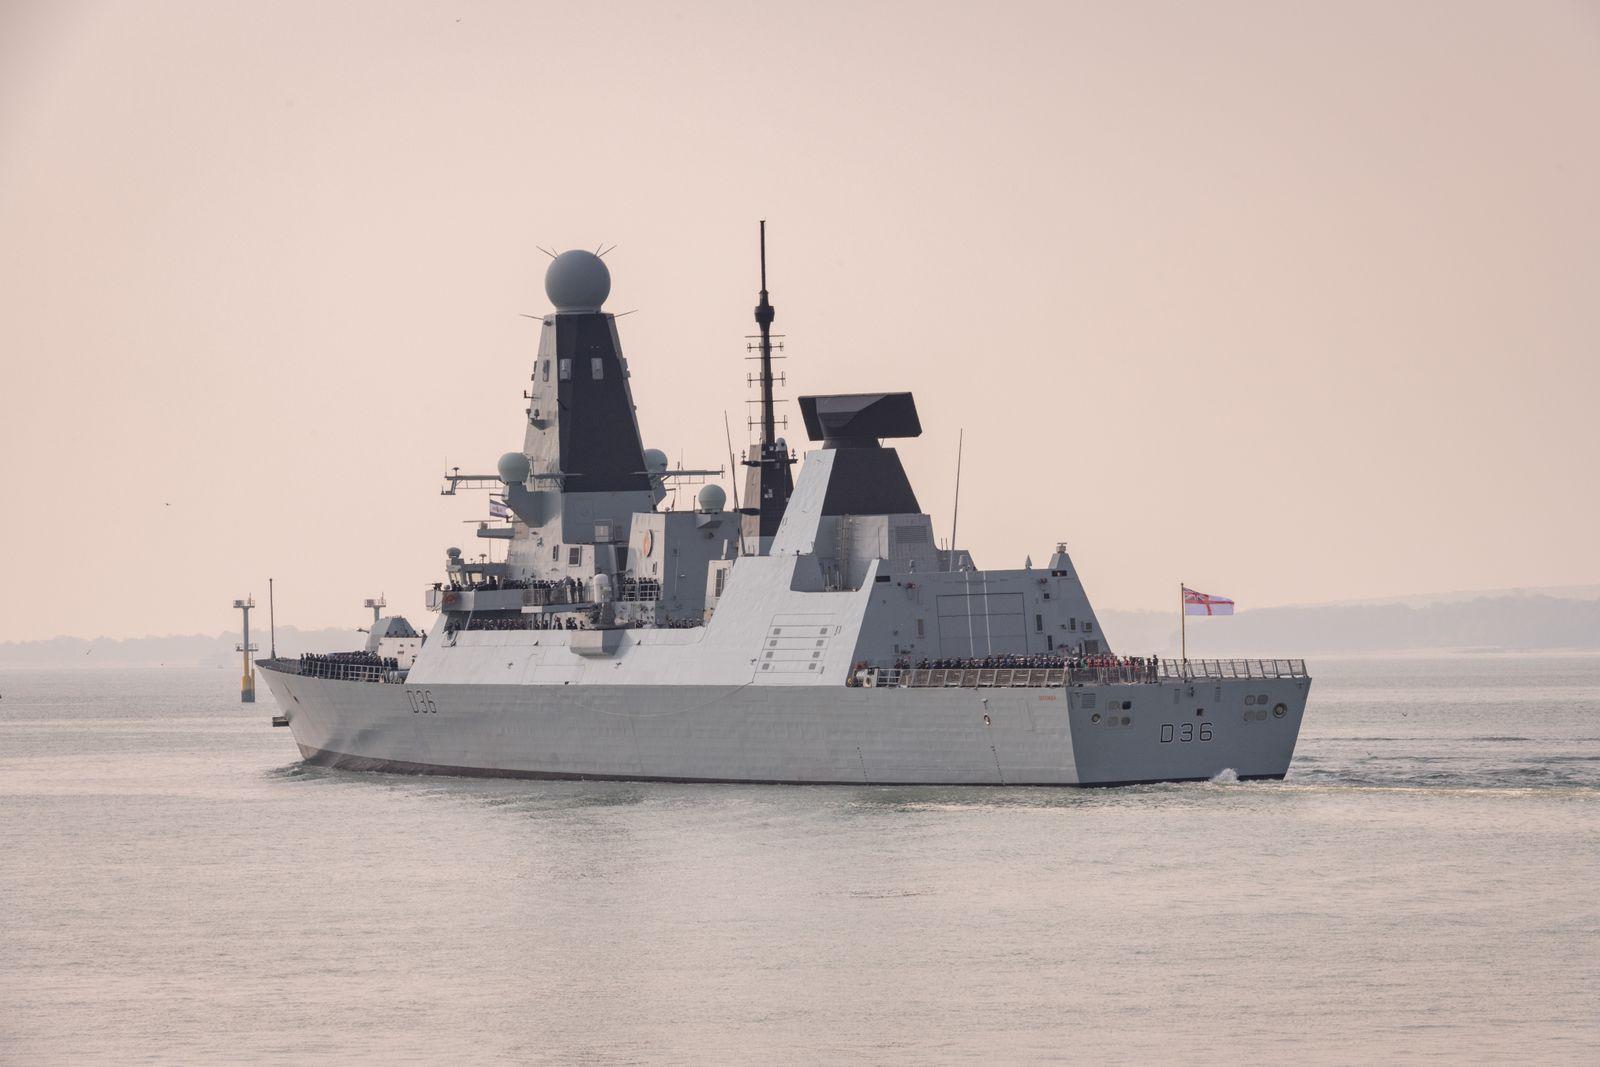 Auf dem Weg ins Mittelmeer: Die Carrier Strike Group um den Flugzeugträger HMS Queen Elizabeth verlässt den Hafen von Portsmouth